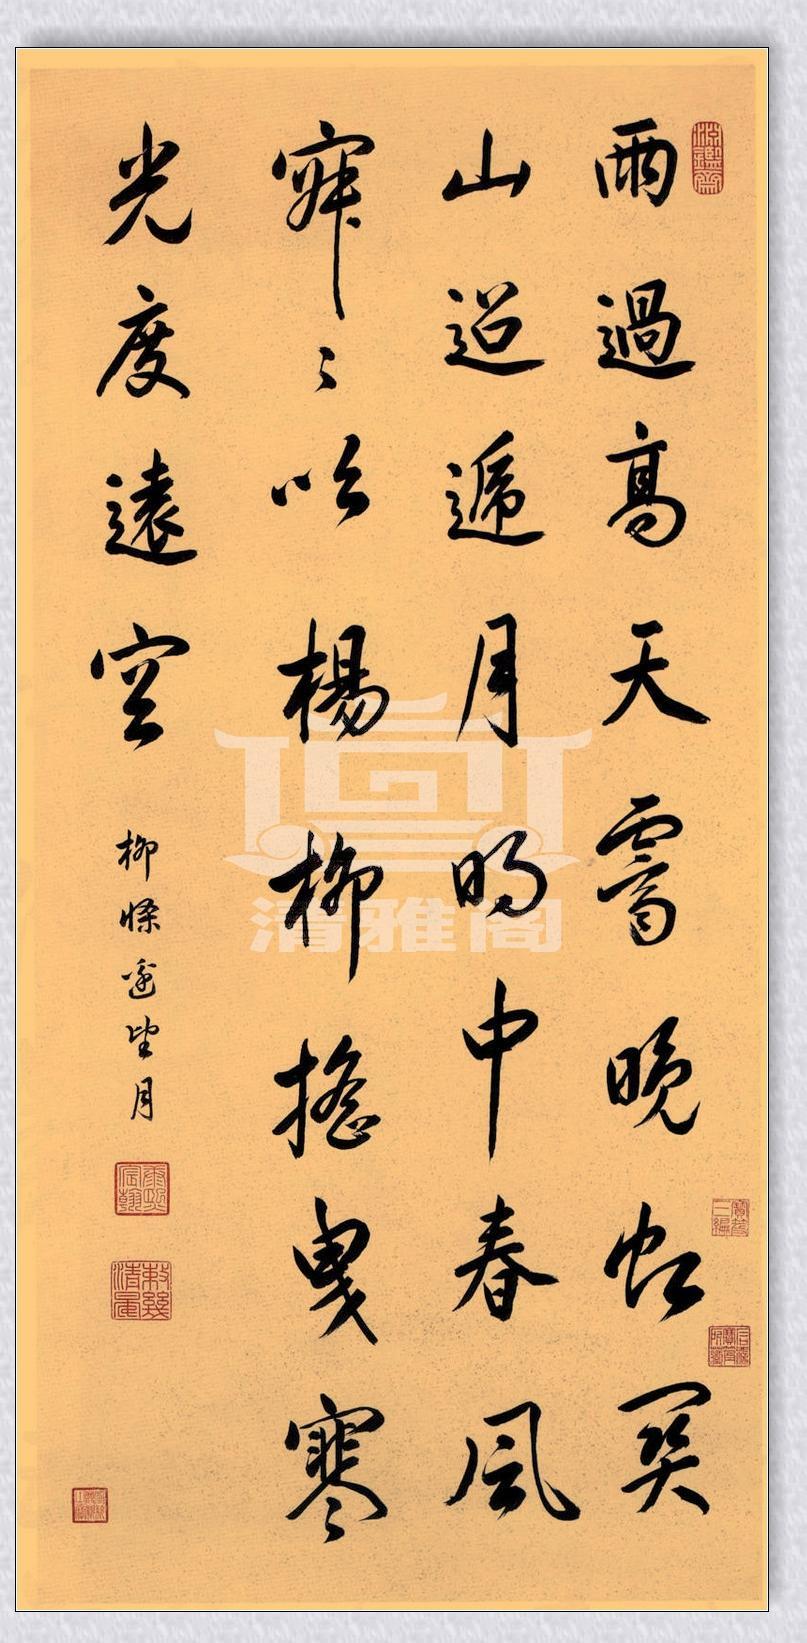 中国行书书法基本技法的掌握到精通,是向书法艺术发展的重要途径